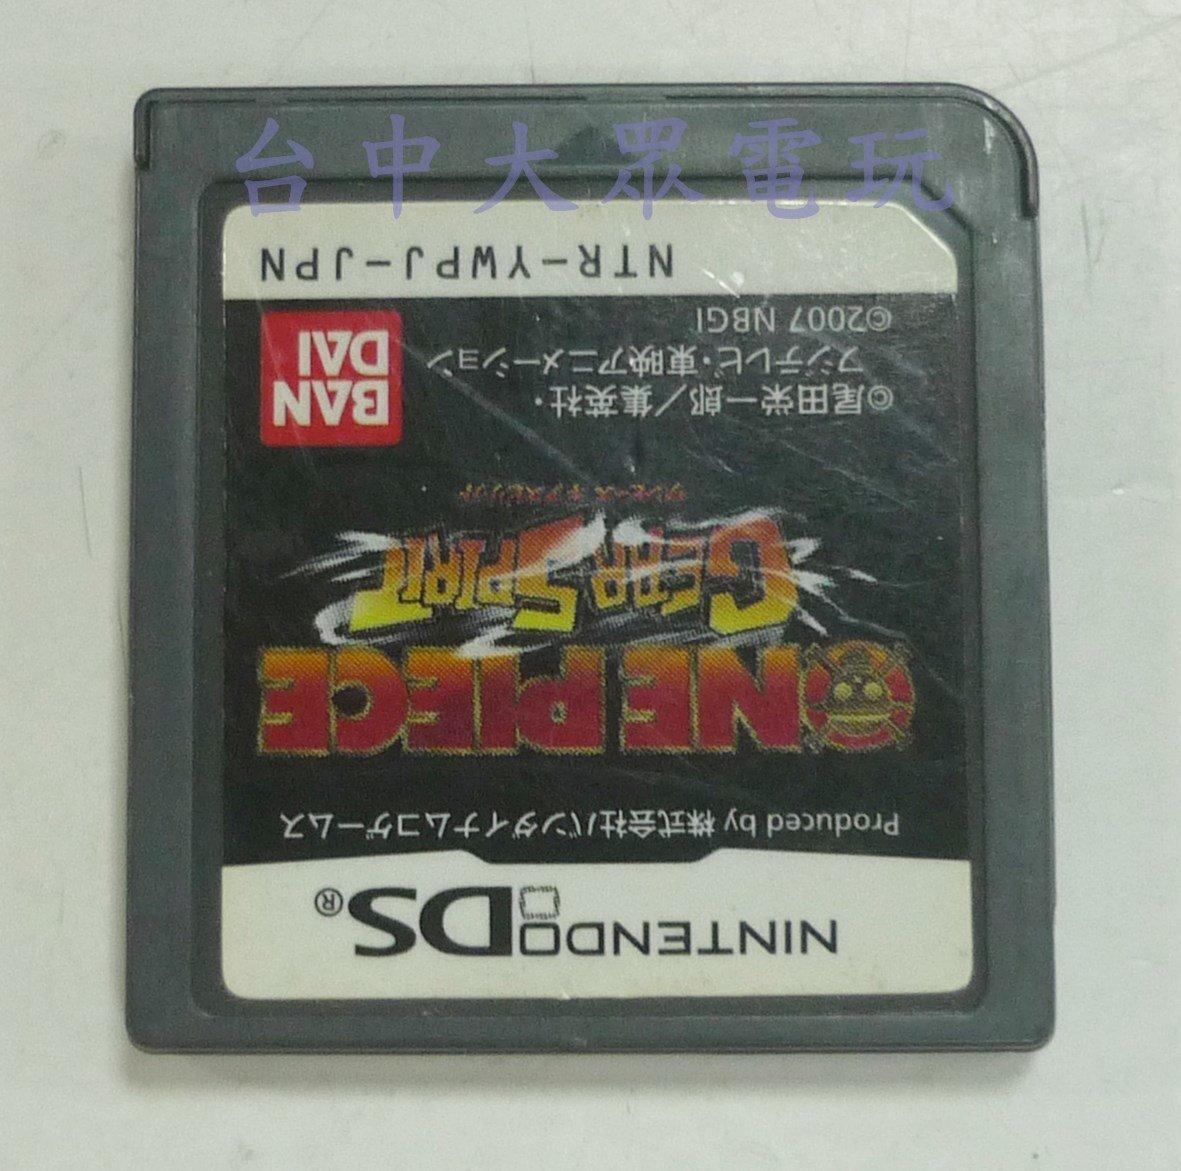 NDS 航海王 靈魂檔位 (純日文版) 3DS主機適用**(二手裸裝商品)【台中大眾電玩】